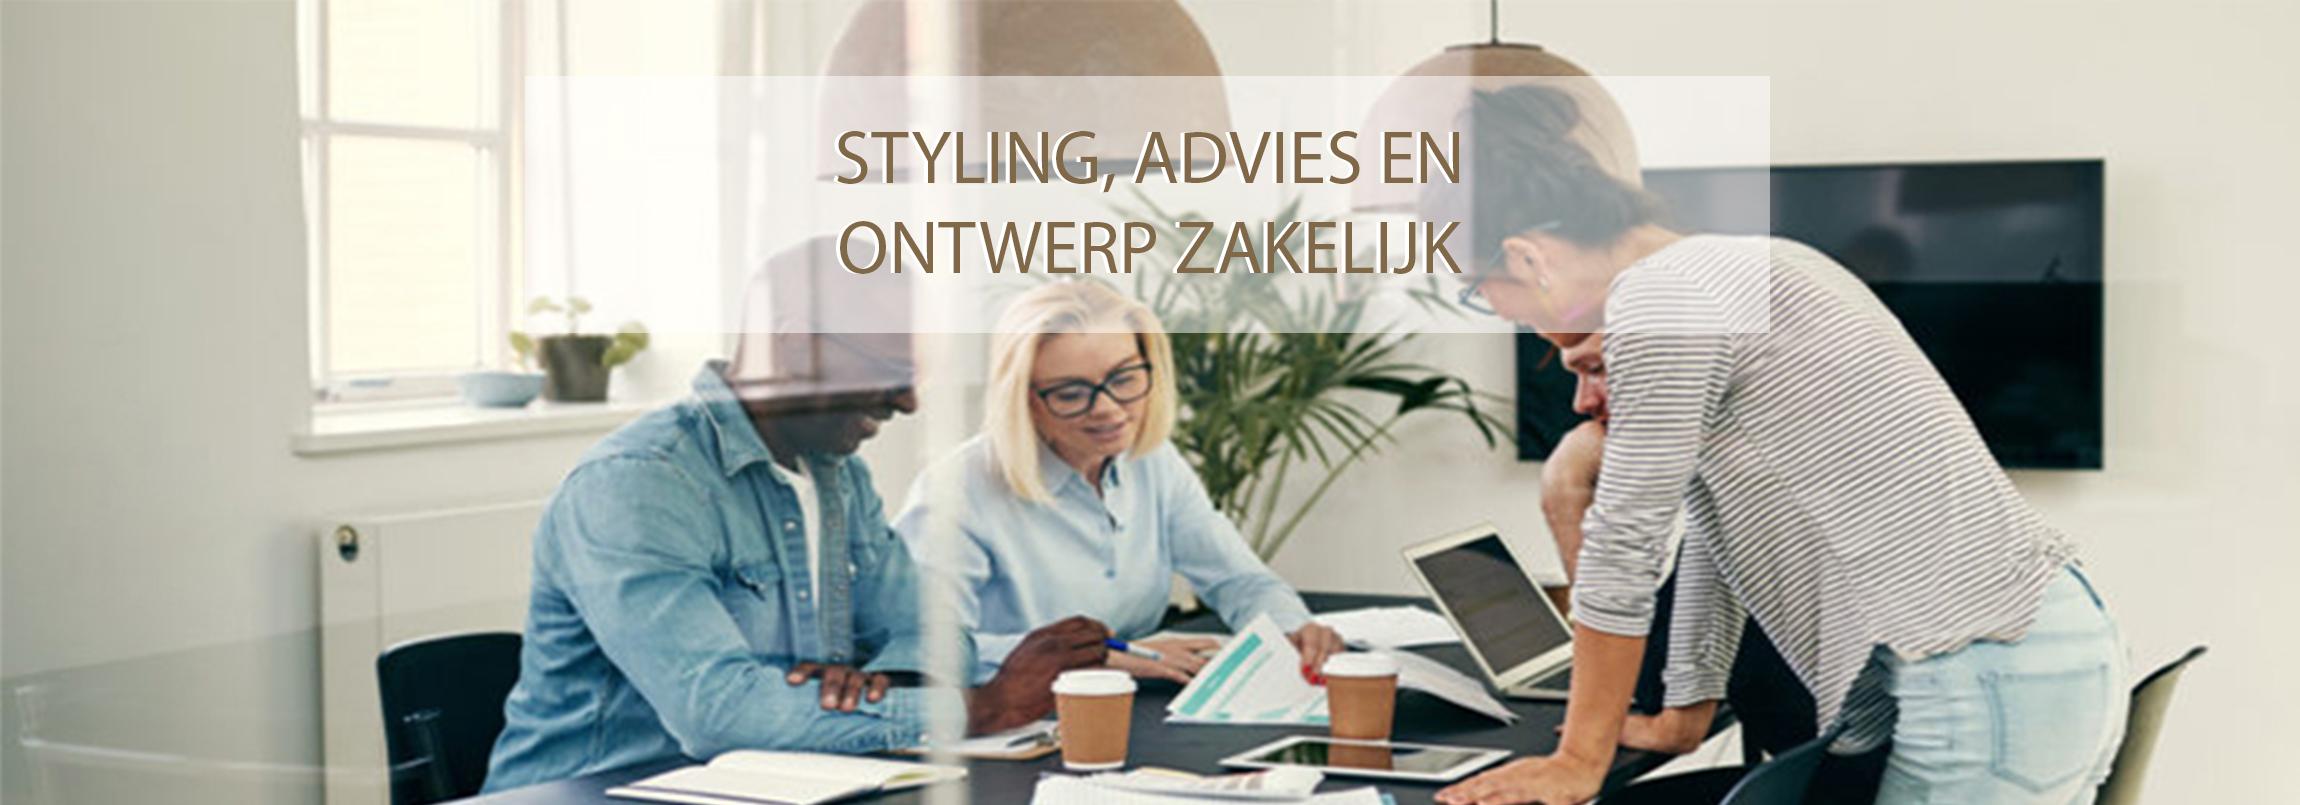 styling advies en ontwerp zakelijk